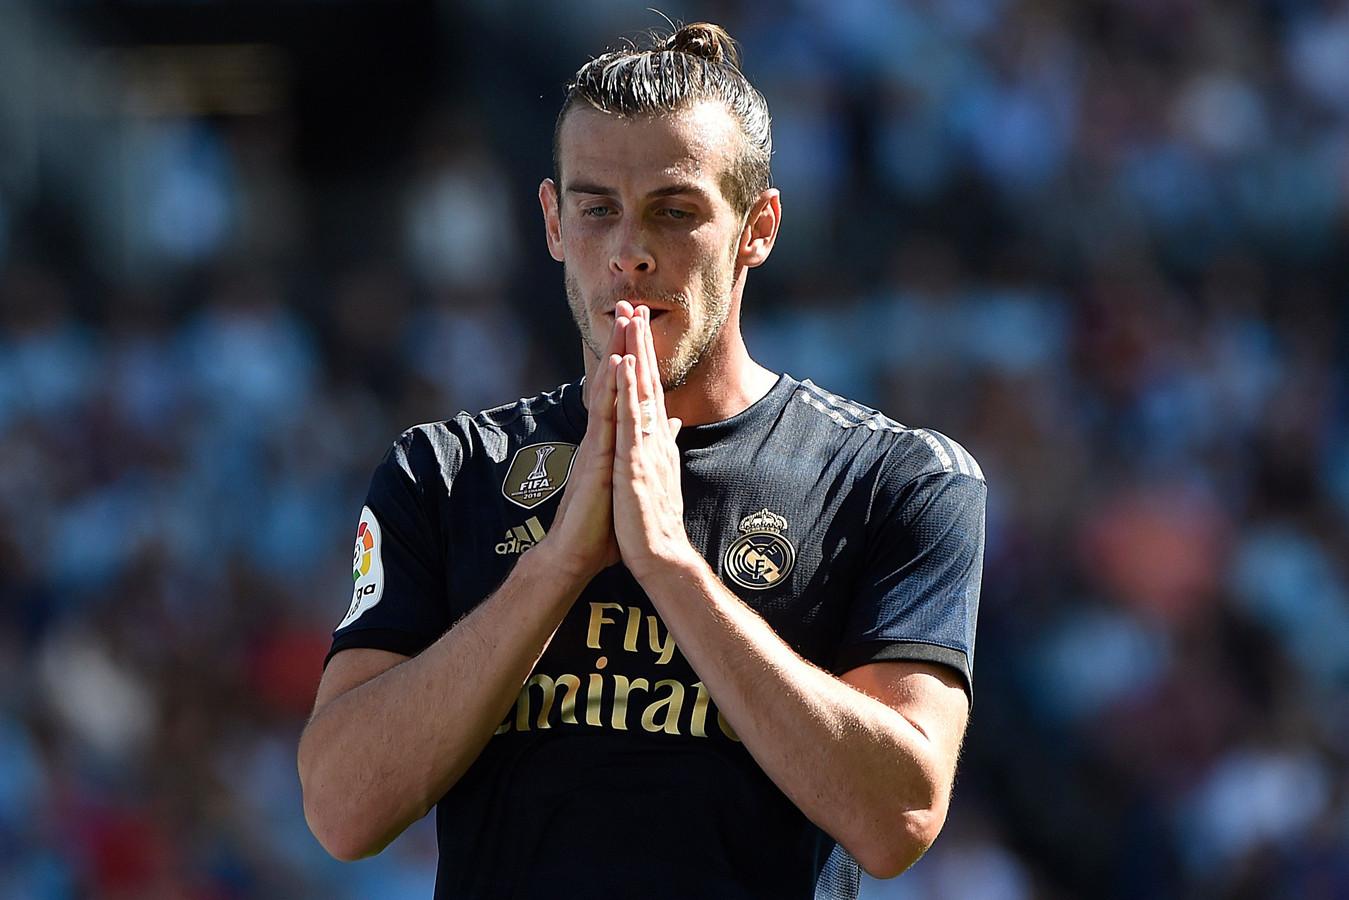 Gareth Bale is weer in genade aangenomen in Madrid. Tegen Celta leverde hij de assist op de 0-1 van Benzema.